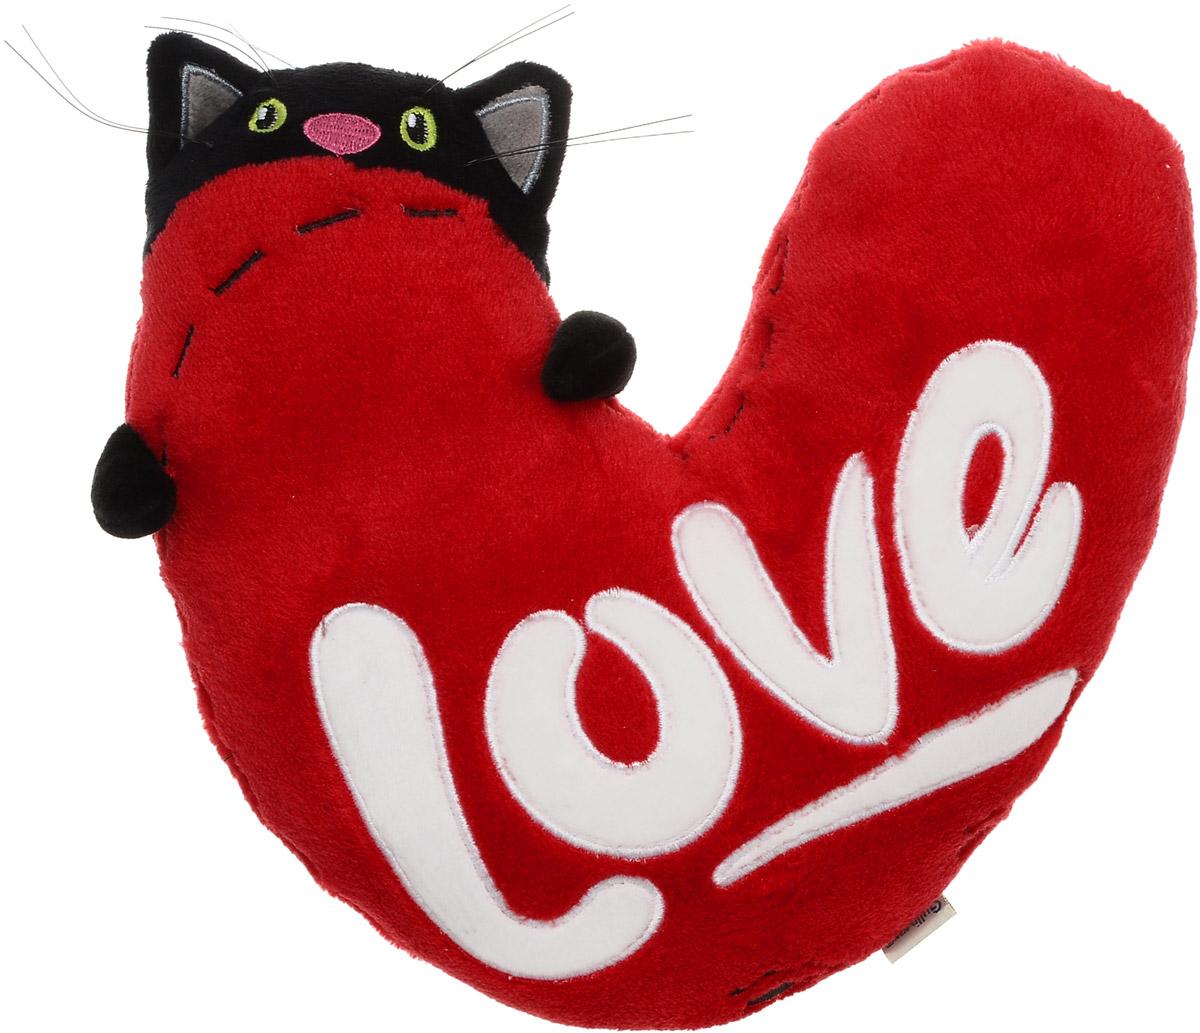 Gulliver Мягкая игрушка Кот с сердцем 23 см40-DN16-0145Мягкая игрушка Gulliver Кот с сердцем - забавная игрушка, выполненная в виде кота с сердцем, может стать не только подарком или сувениром, но и подушкой. Выполнена из мягкого и приятного на ощупь текстиля игрушка набита упругим наполнителем, поэтому ее будет очень приятно обнимать. Черный котик с зелеными глазами держит в лапках огромное красное сердце с надписью Love - такая мягкая игрушка придется по душе не только детям, но и взрослым.